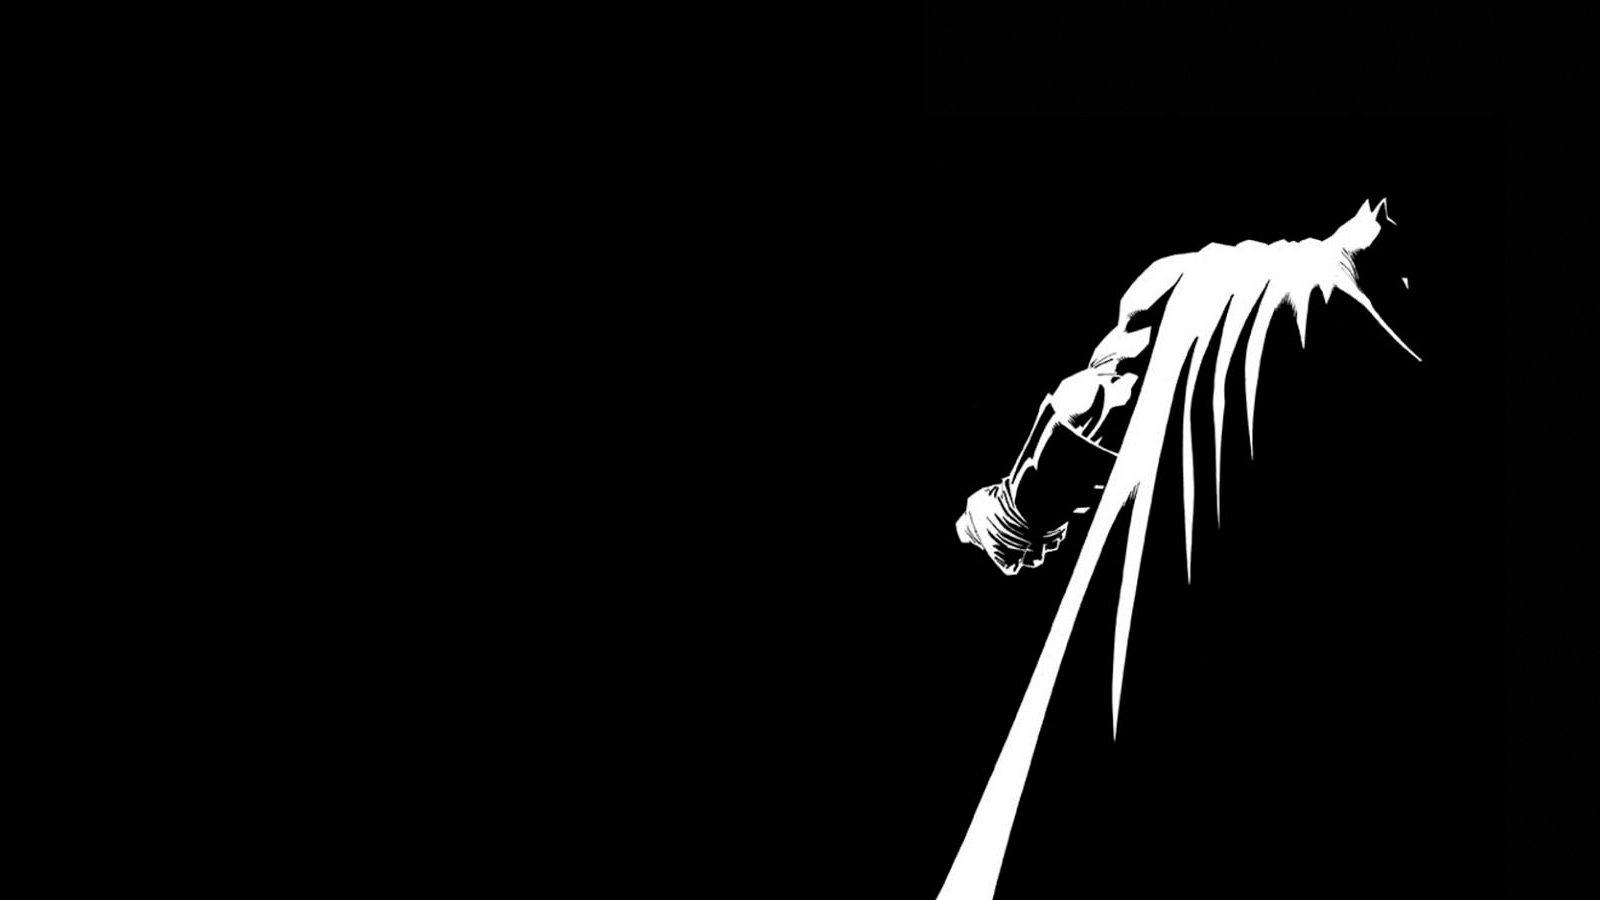 Batman Dark Knight III Frank Miller Cartoon Comics DC Jim Lee Brian 1600x900